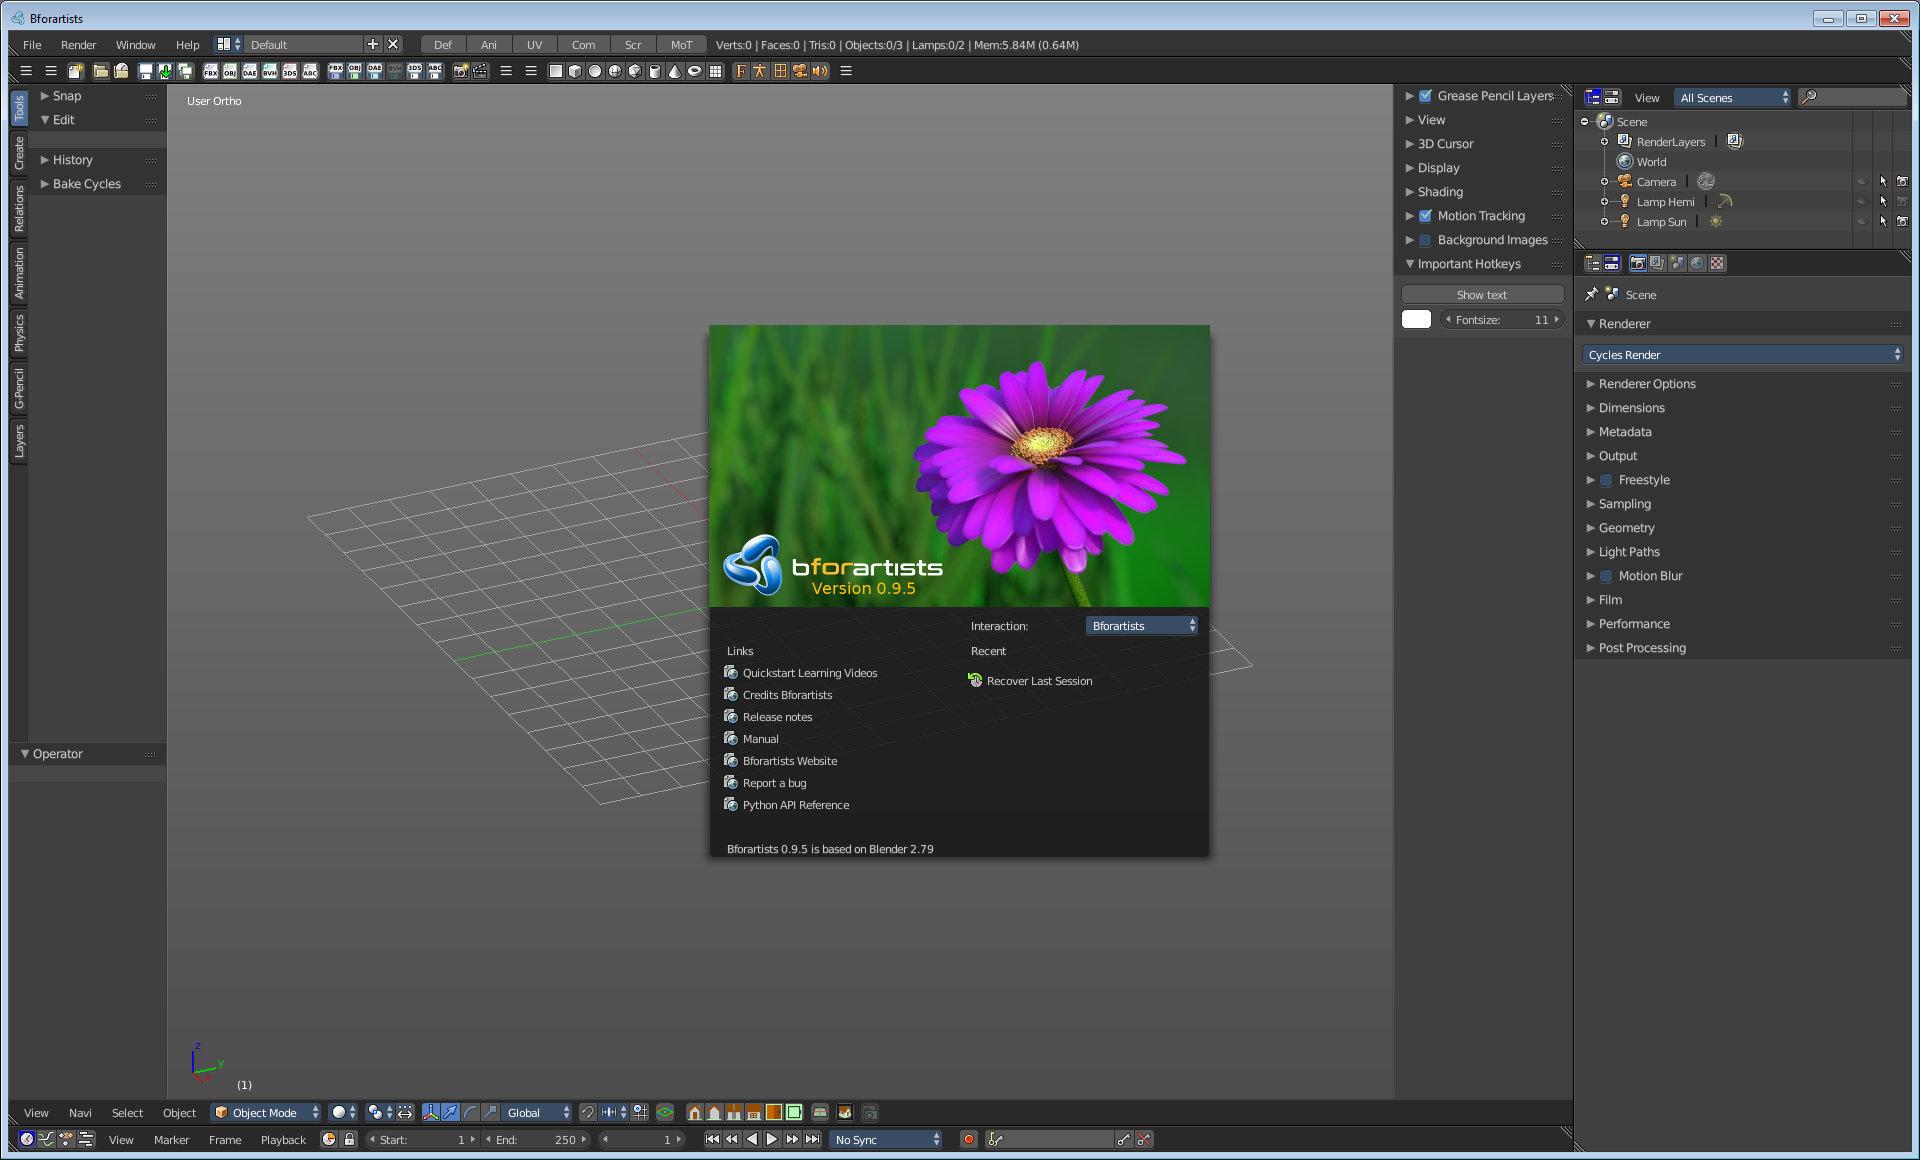 """""""Bforartists"""" umfangreiches, kostenloses 3D-Animationsprogramm"""